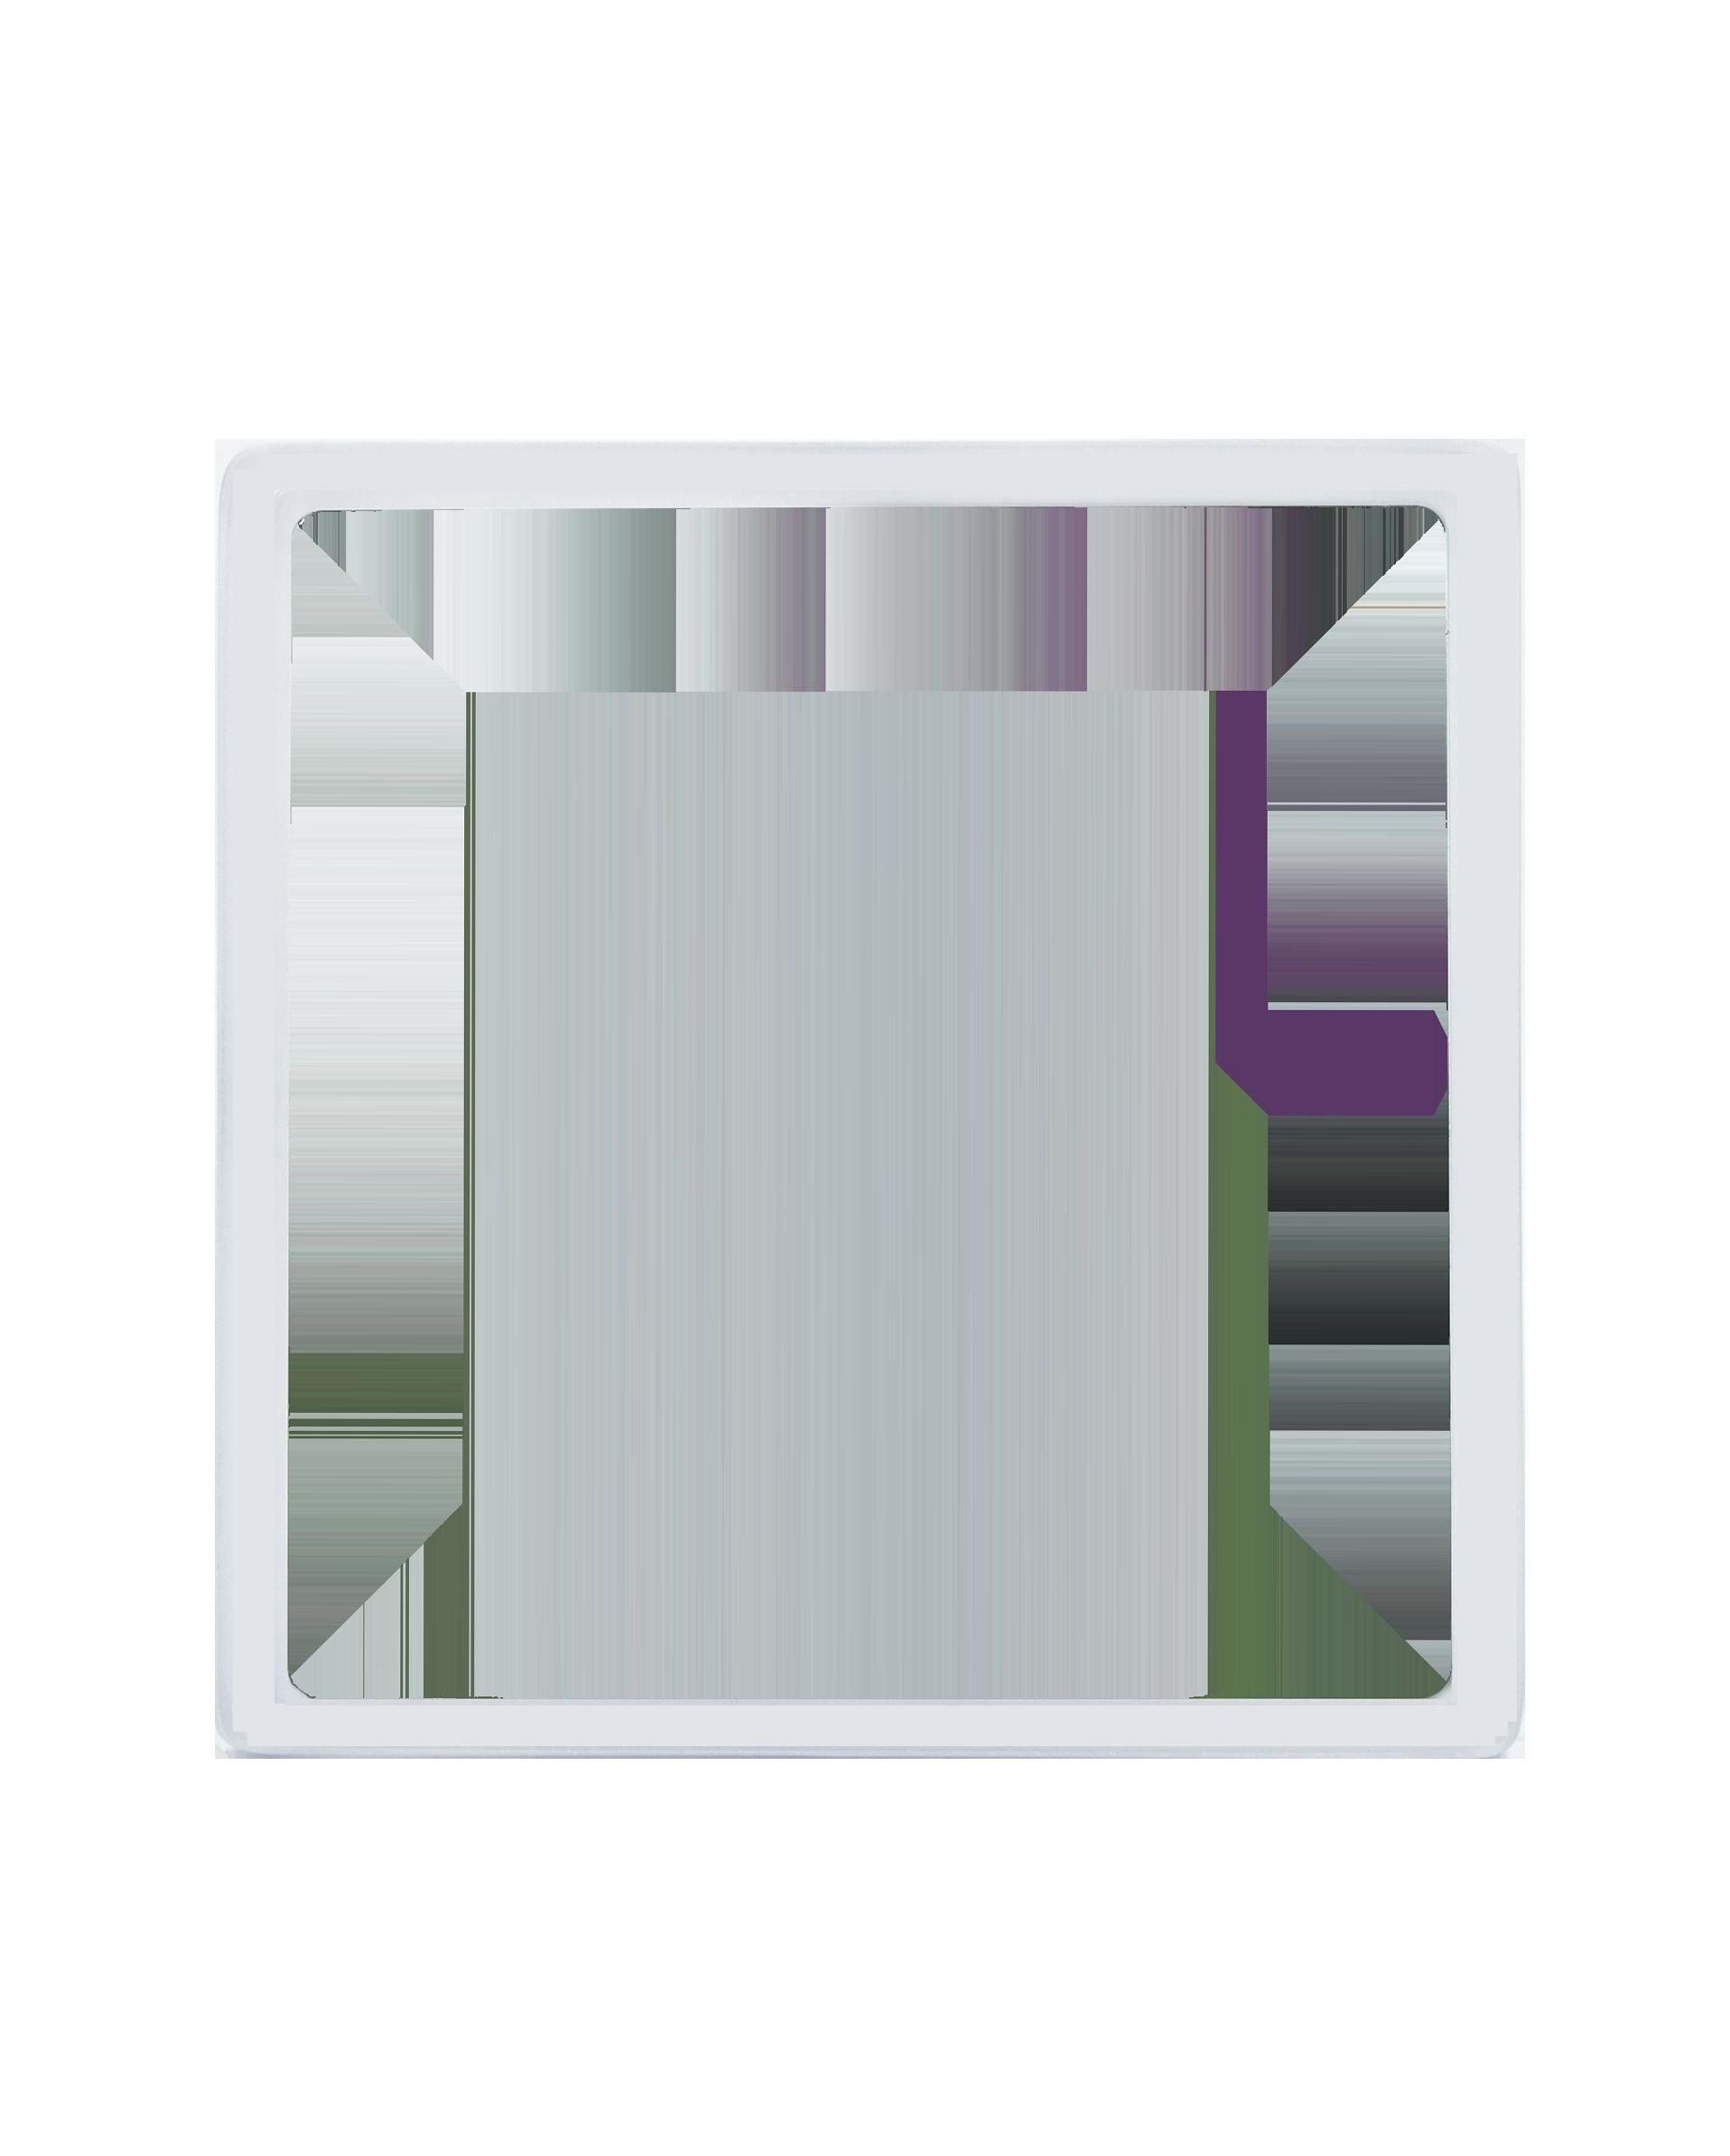 Plexiglass opaco